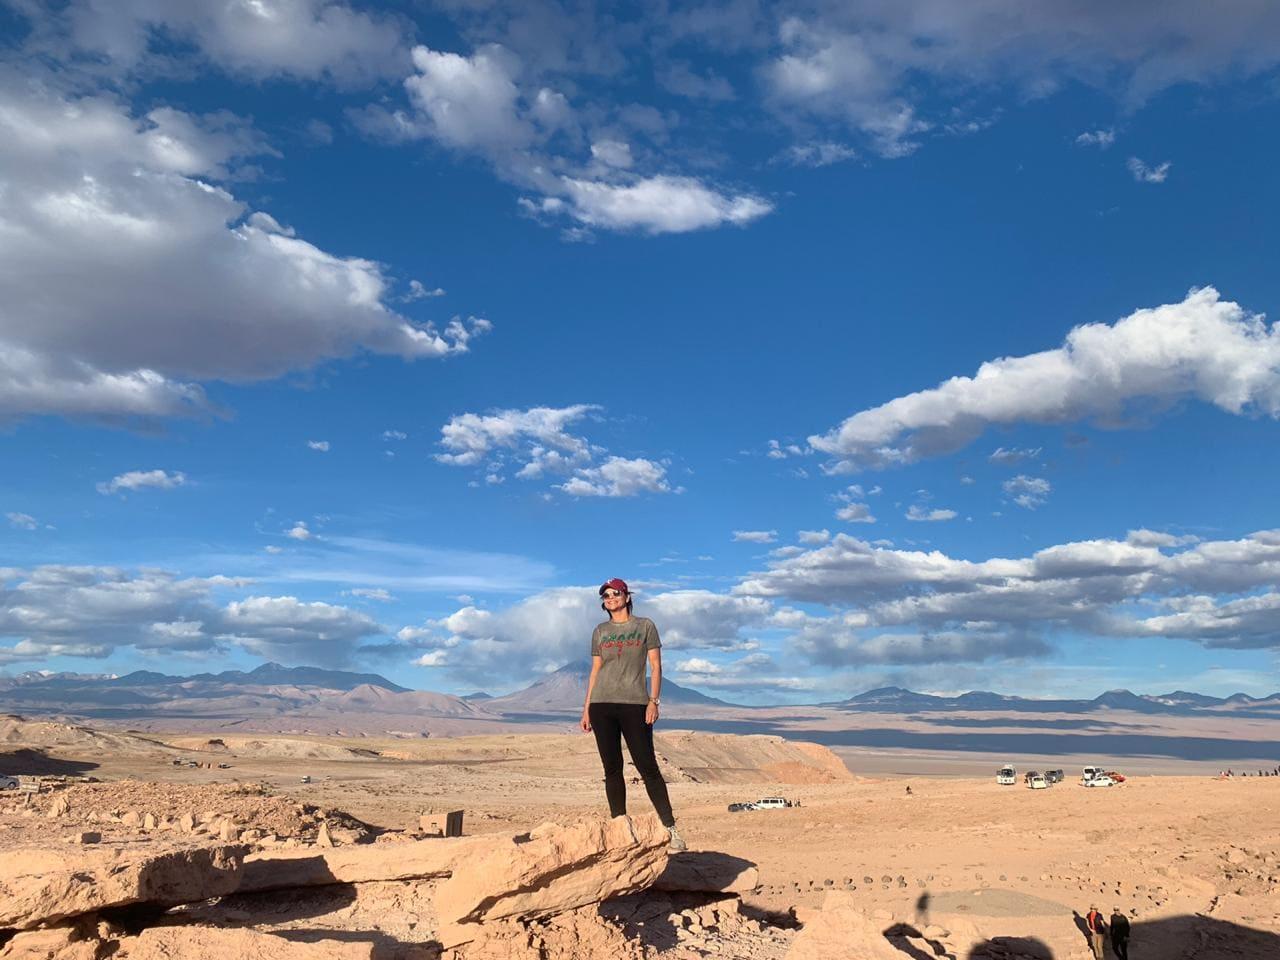 Passeios Imperdíveis No Atacama: Veja 4 Opções Que Você Vai Amar